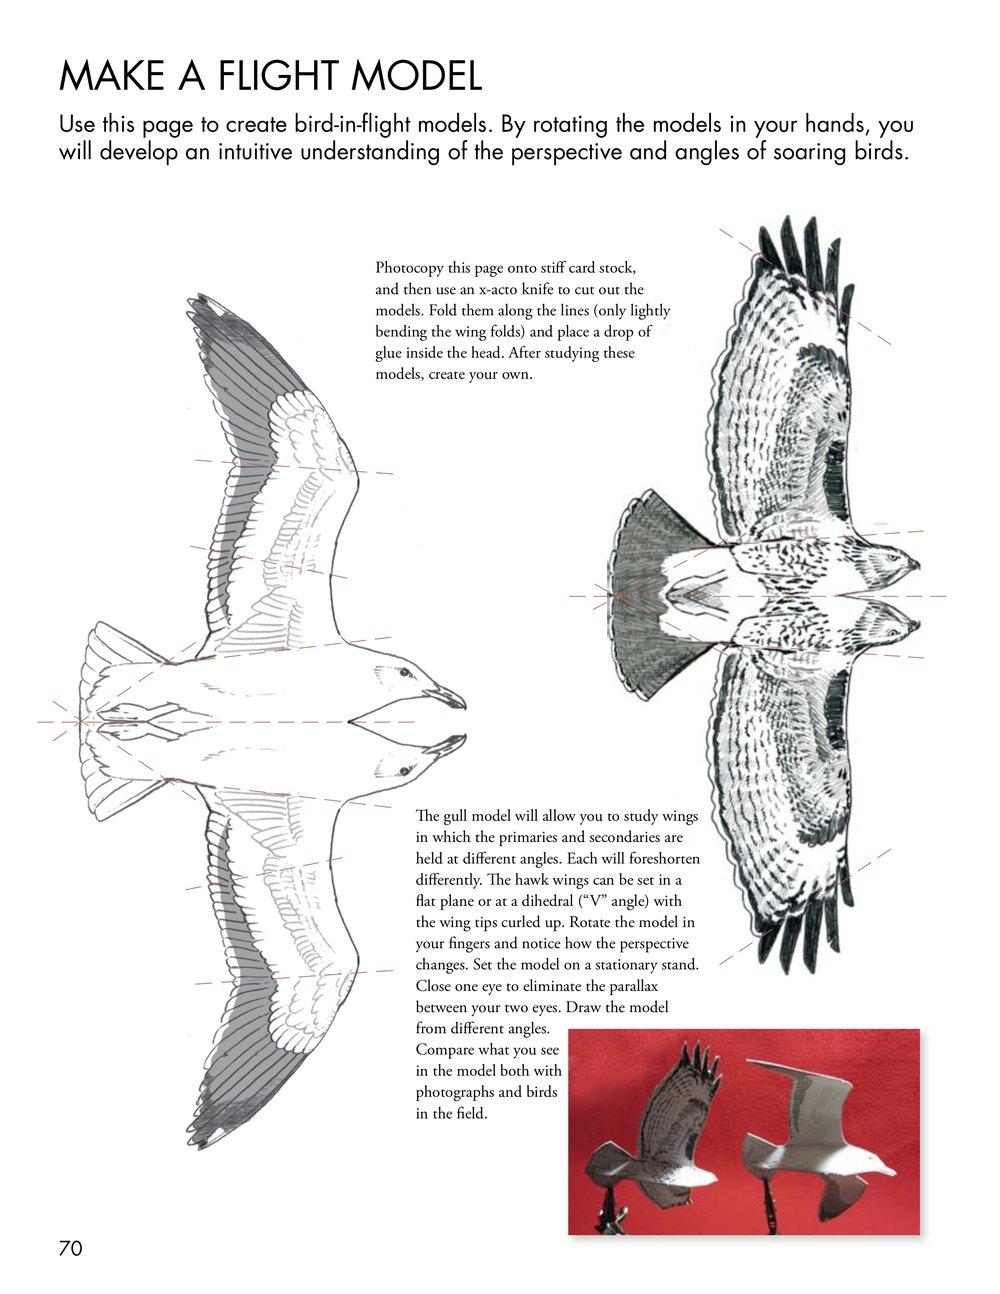 Make-a-flight-model.jpg